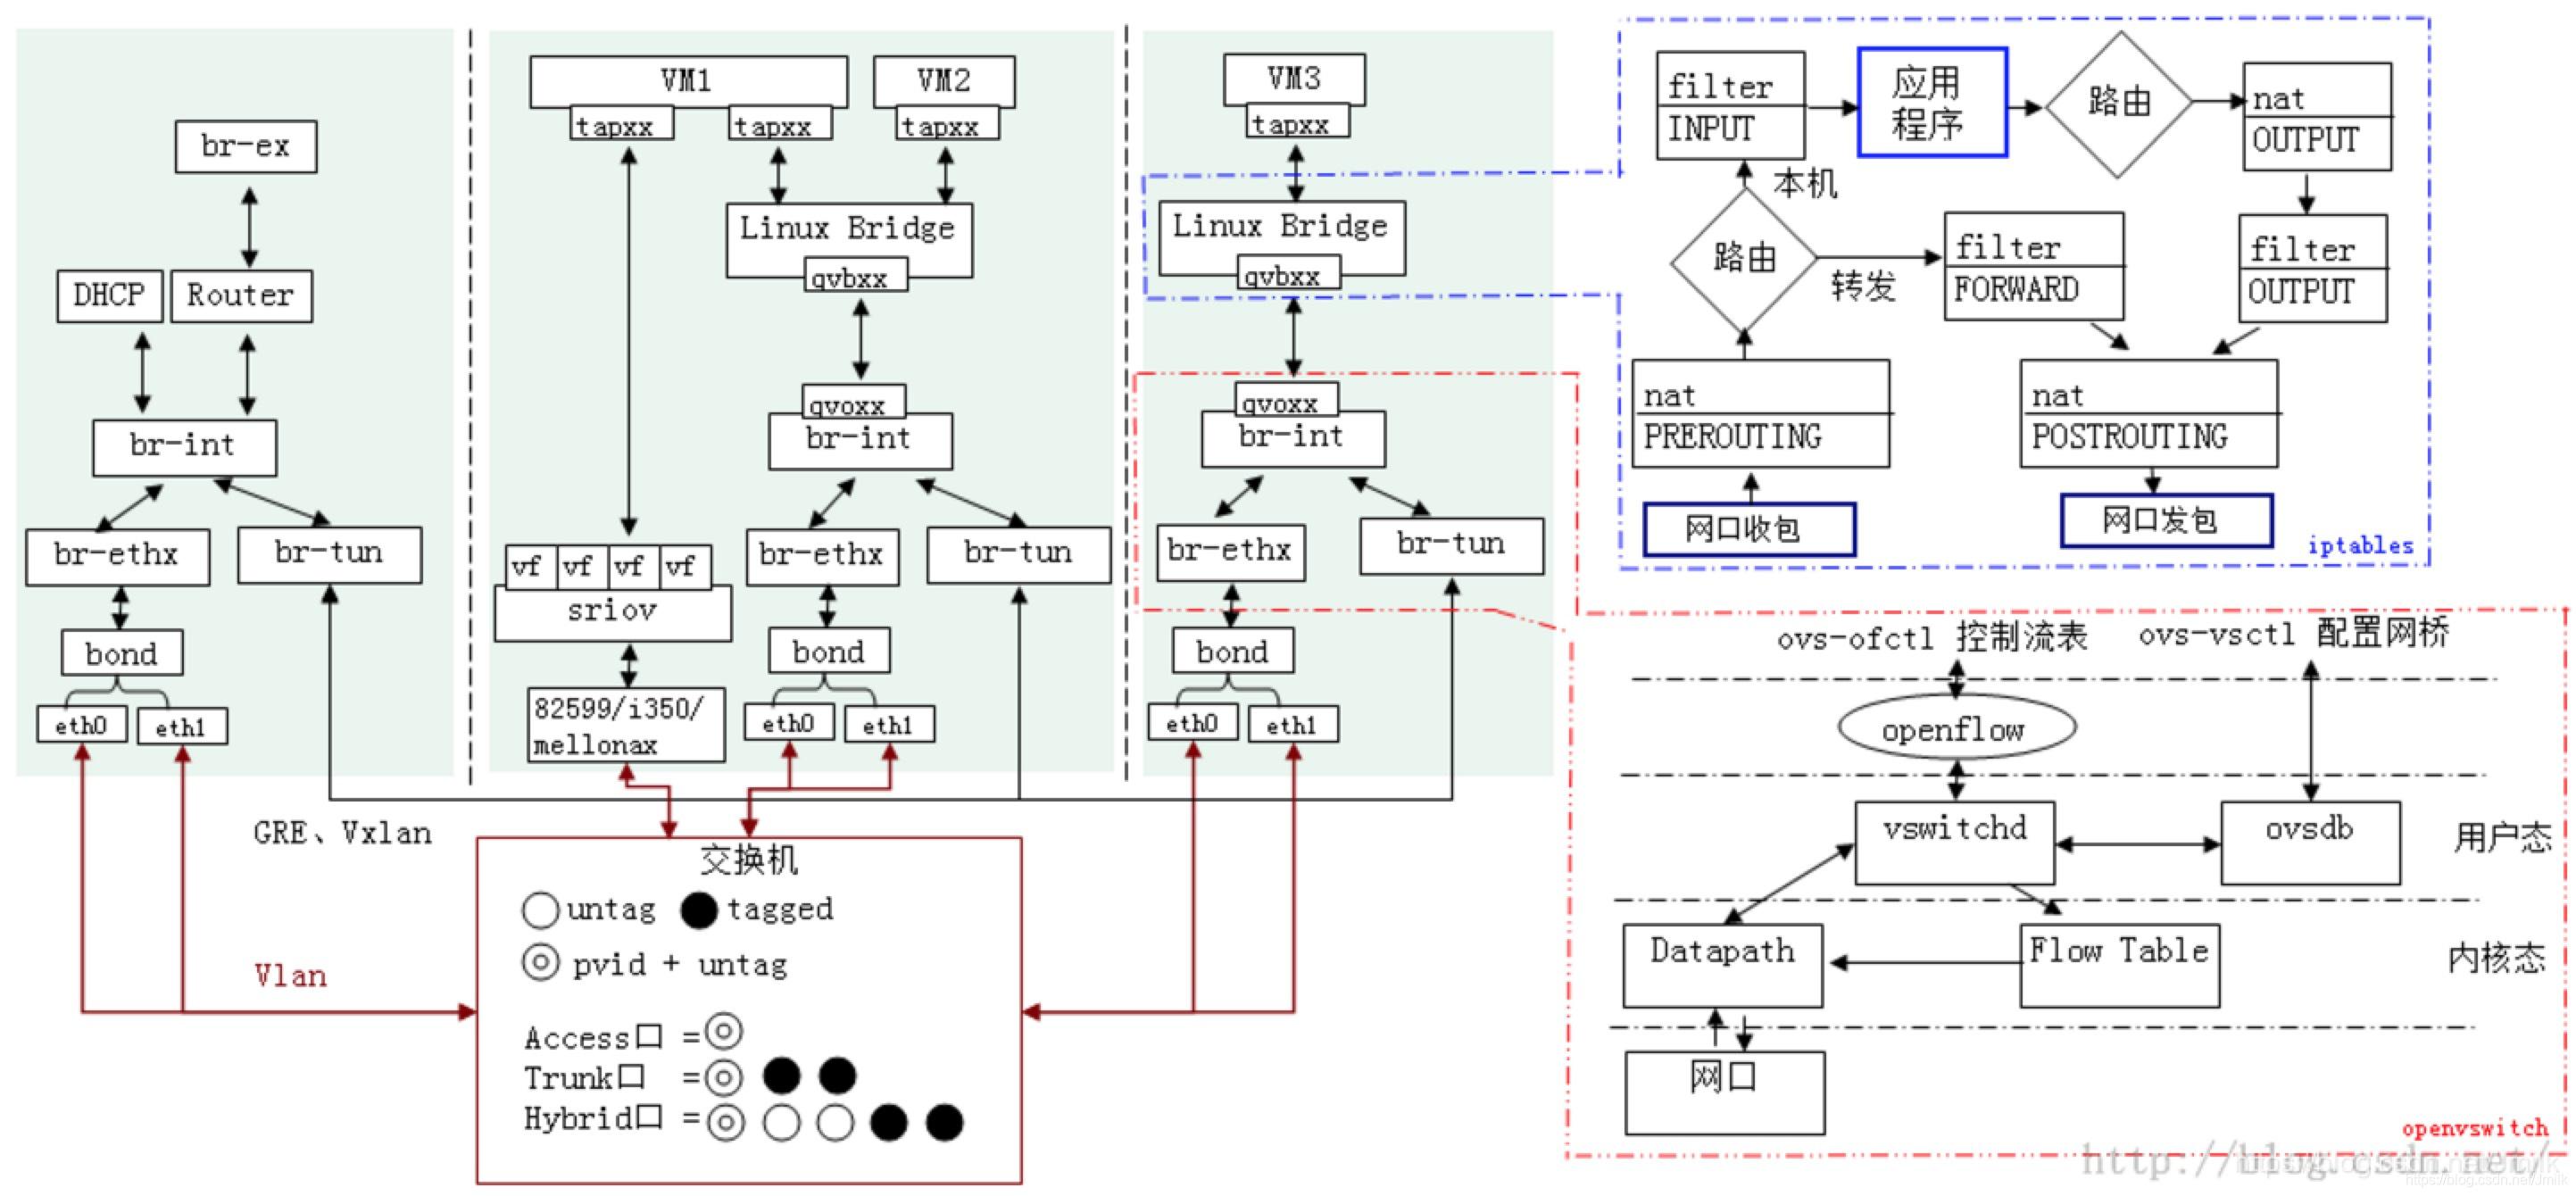 启用SR-IOV 解决Neutron 网络I/O 性能瓶颈- JmilkFan_范桂飓- 博客园